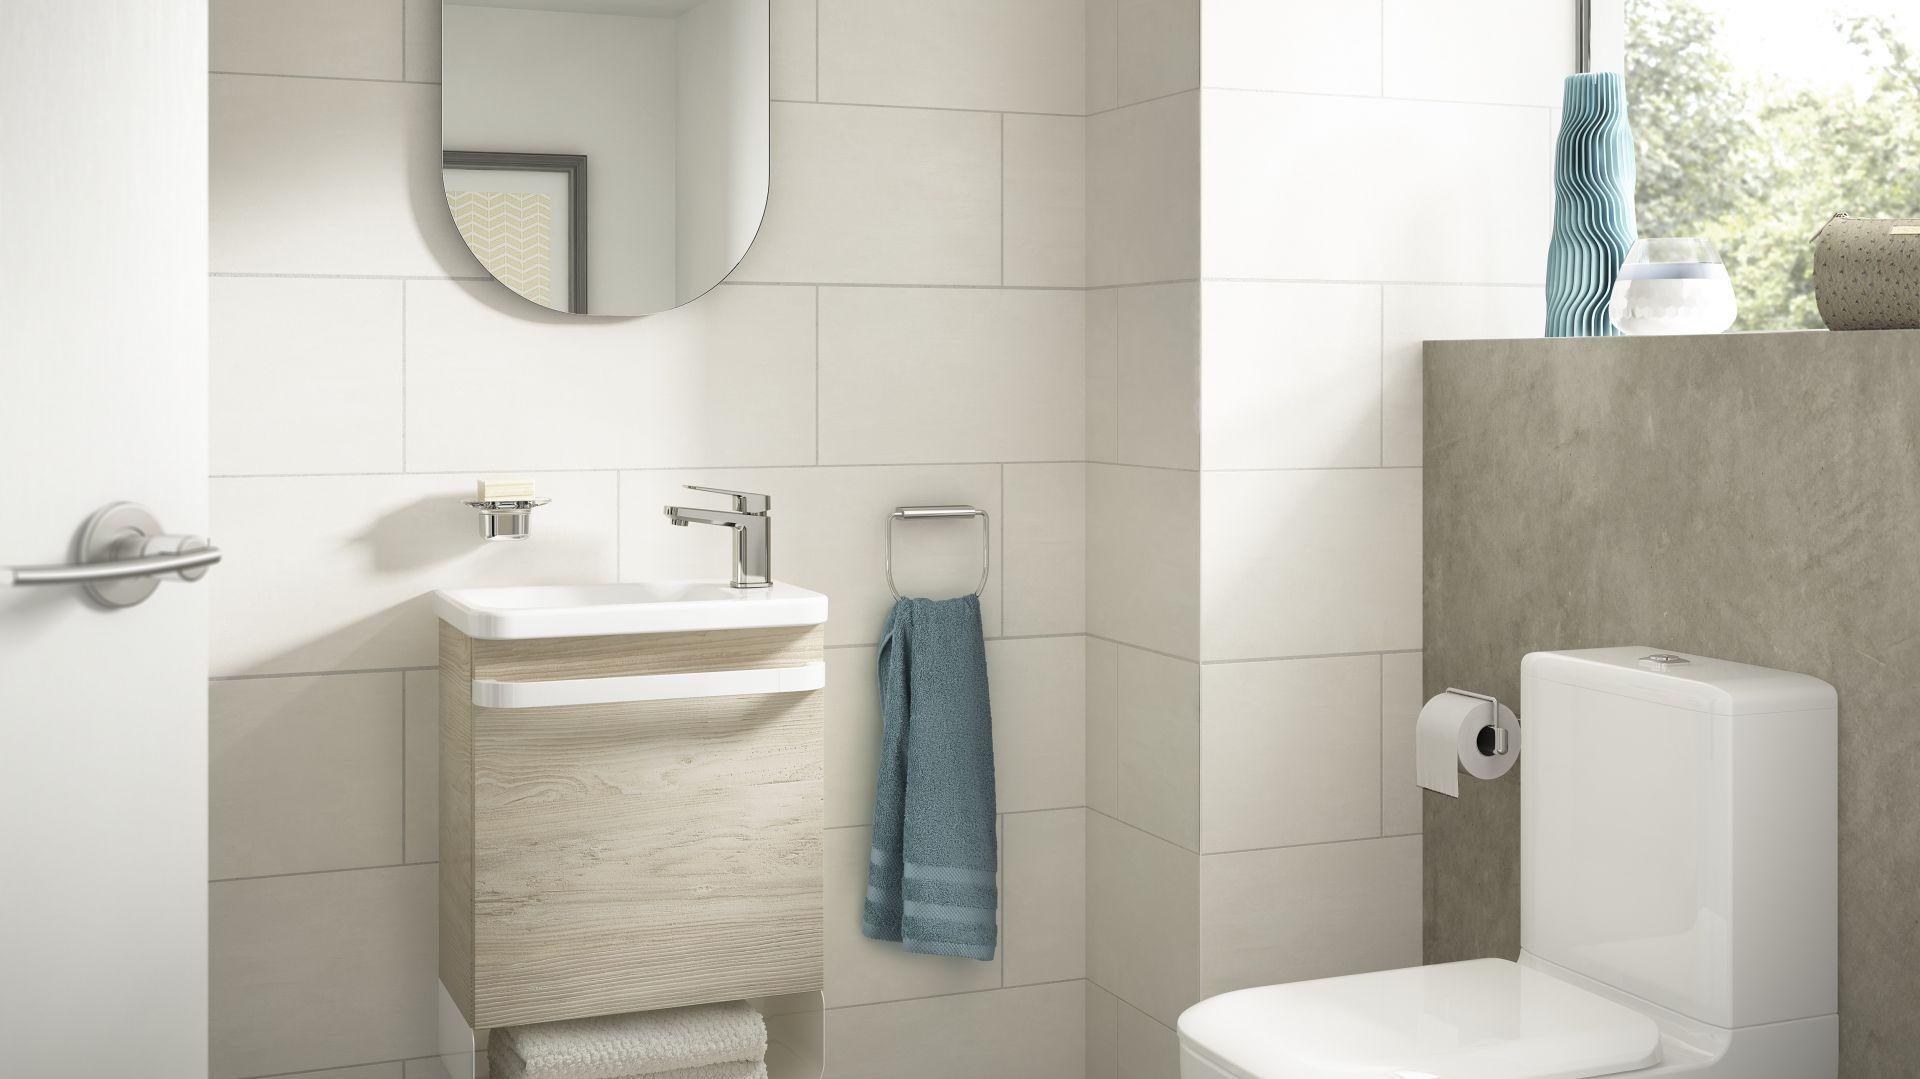 Szafka pod umywalkę Guest z kolekcji Tonic II marki Ideal Standard z dolną metalową półką na ręczniki i uchwytem/wieszakiem w formie długiego relingu. Fot. Ideal Standard